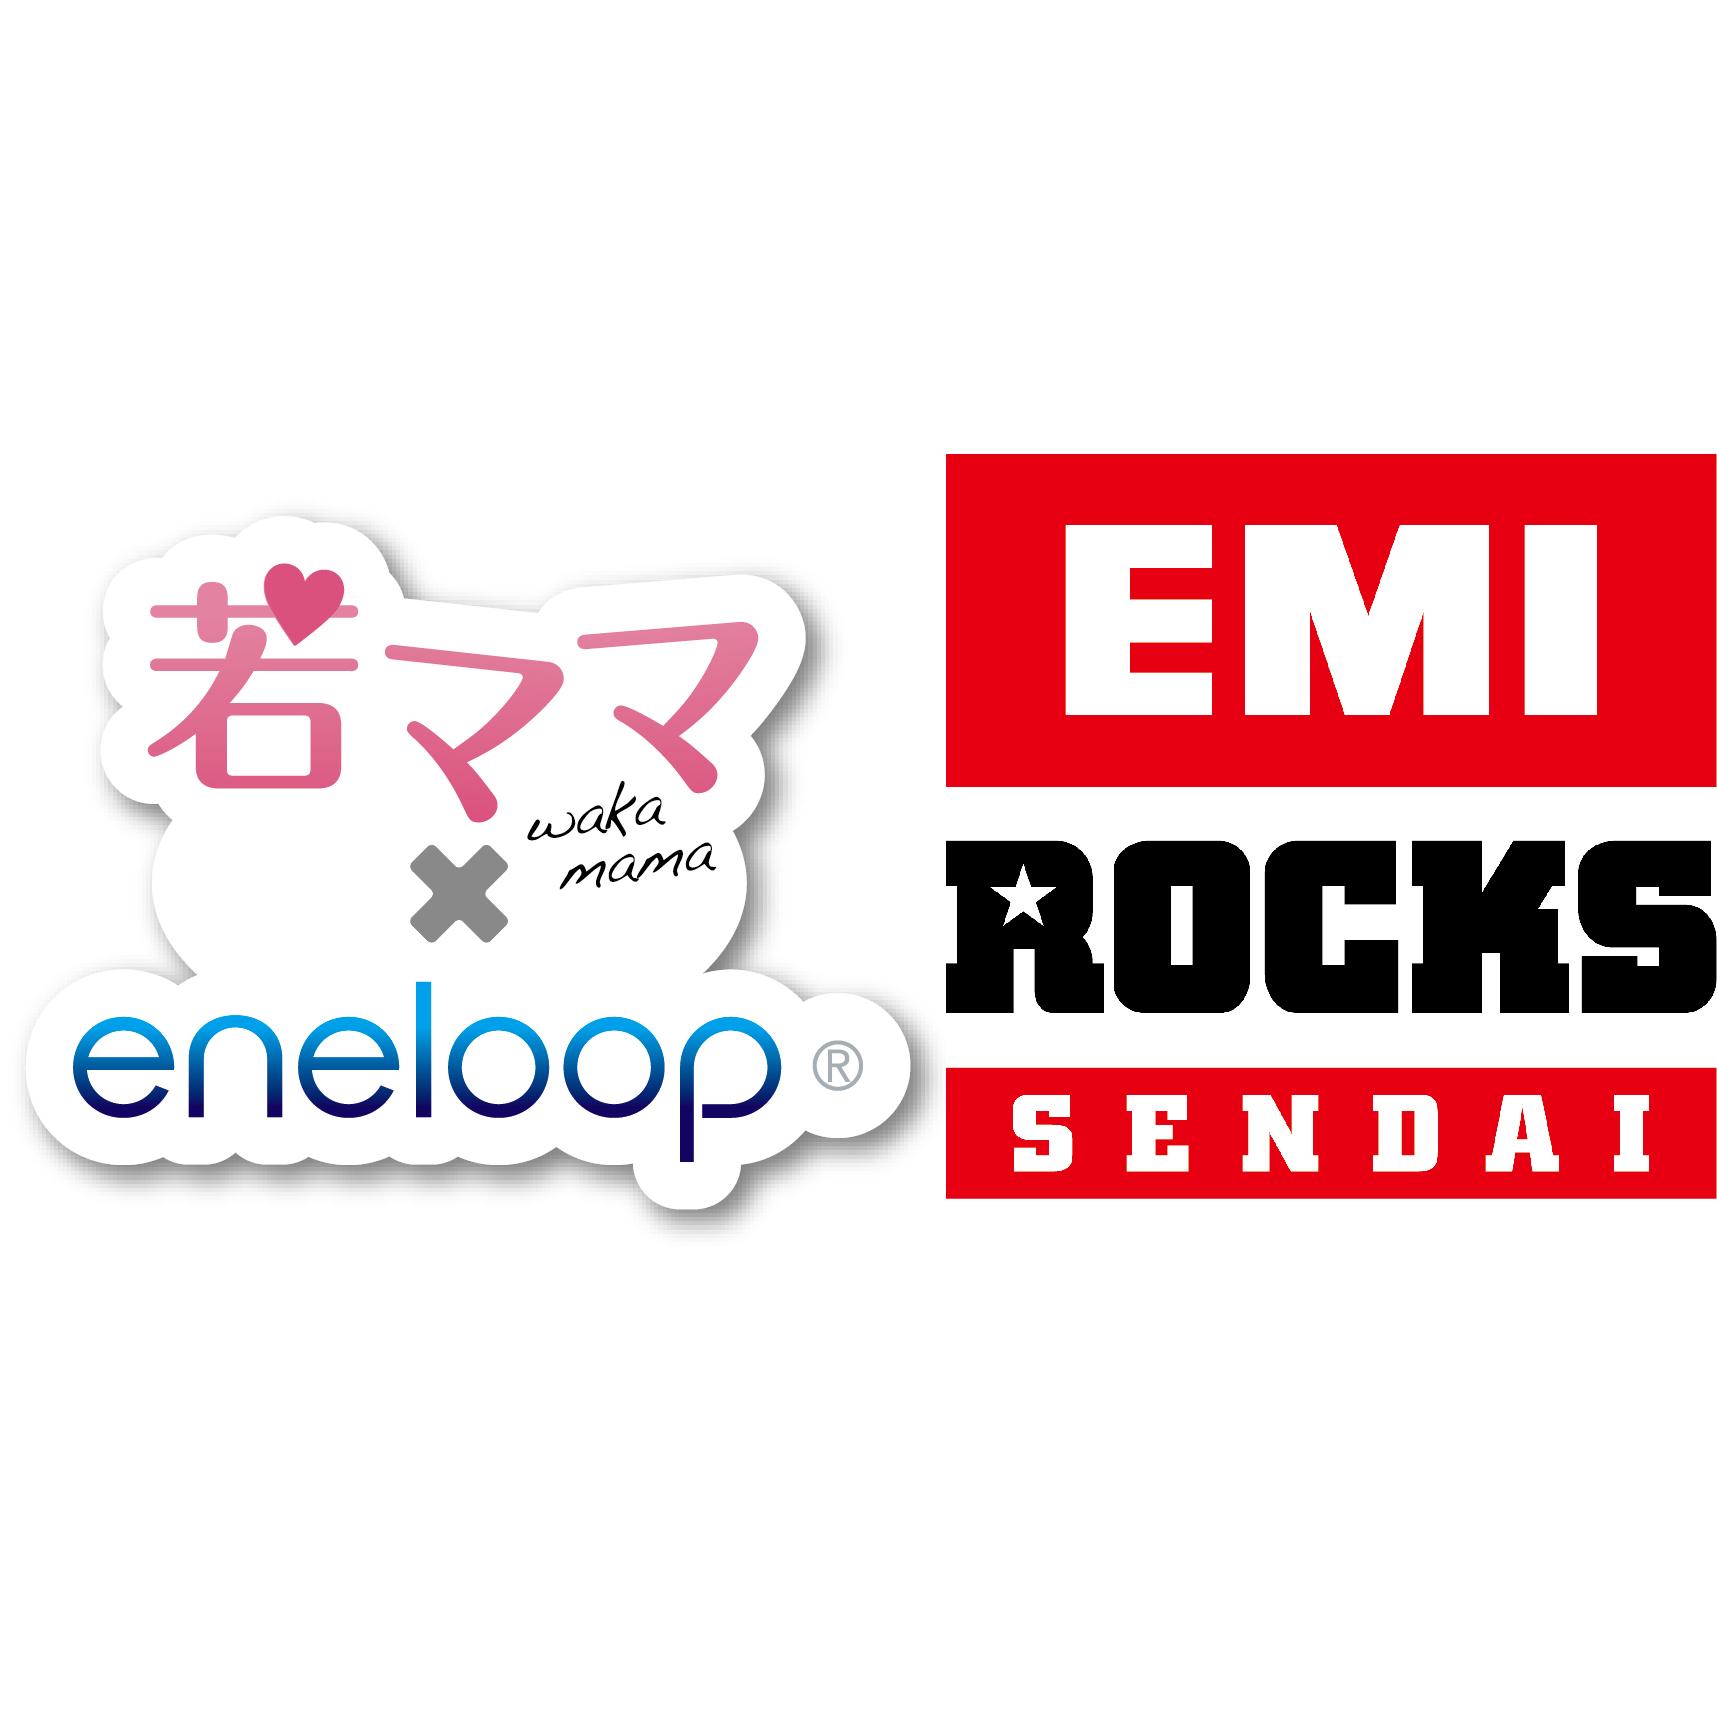 若ママ×エネループ  EMI ROCKS SENDAI ロゴ